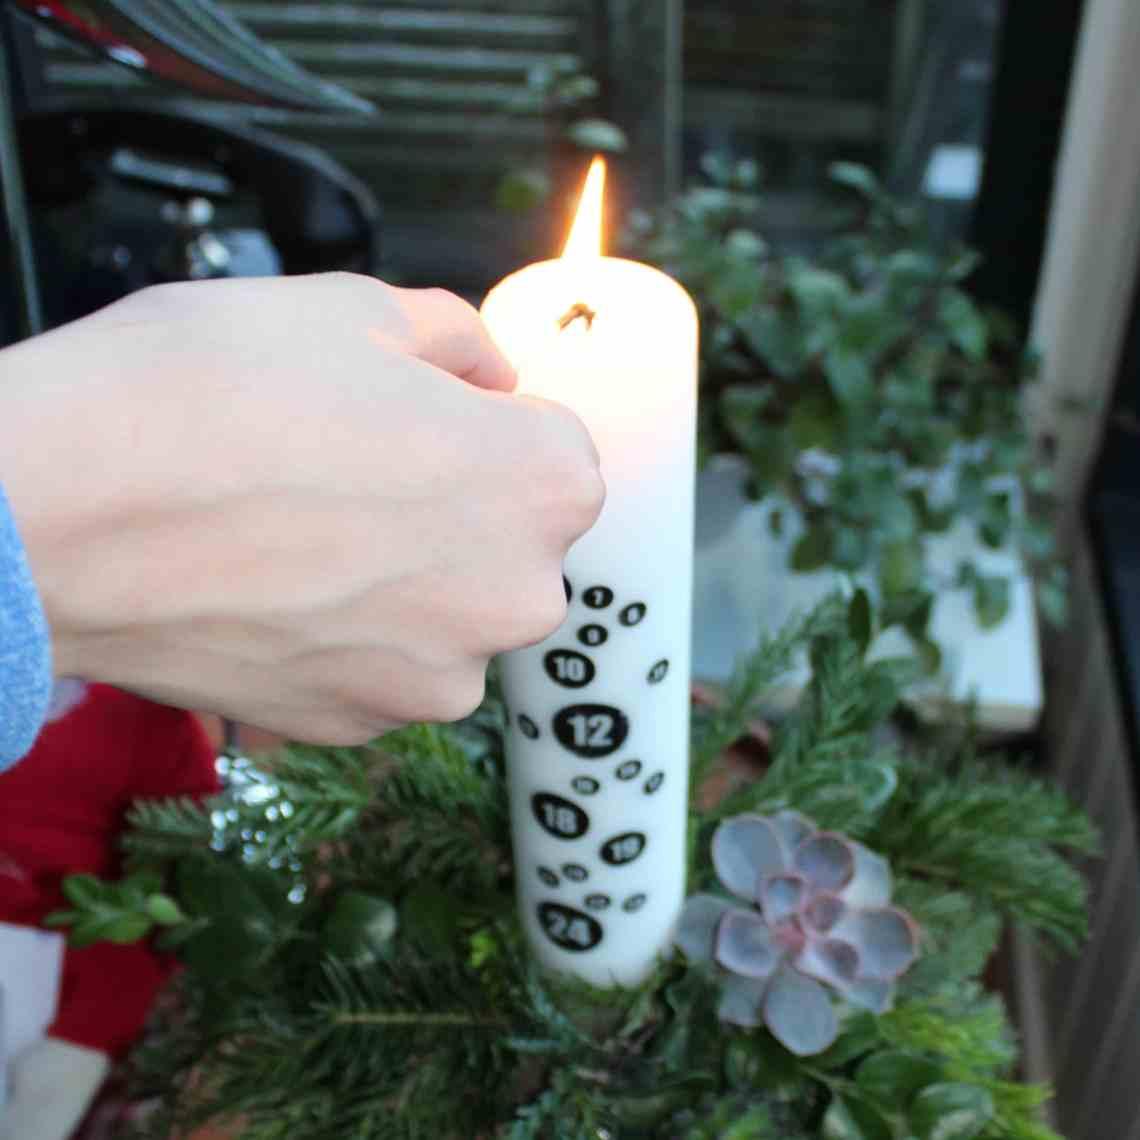 Kalenderlys – mere end 24 aktiviteter til jul. Find inspiration til din jul, gratis print og opskrifter på danishthings.com.